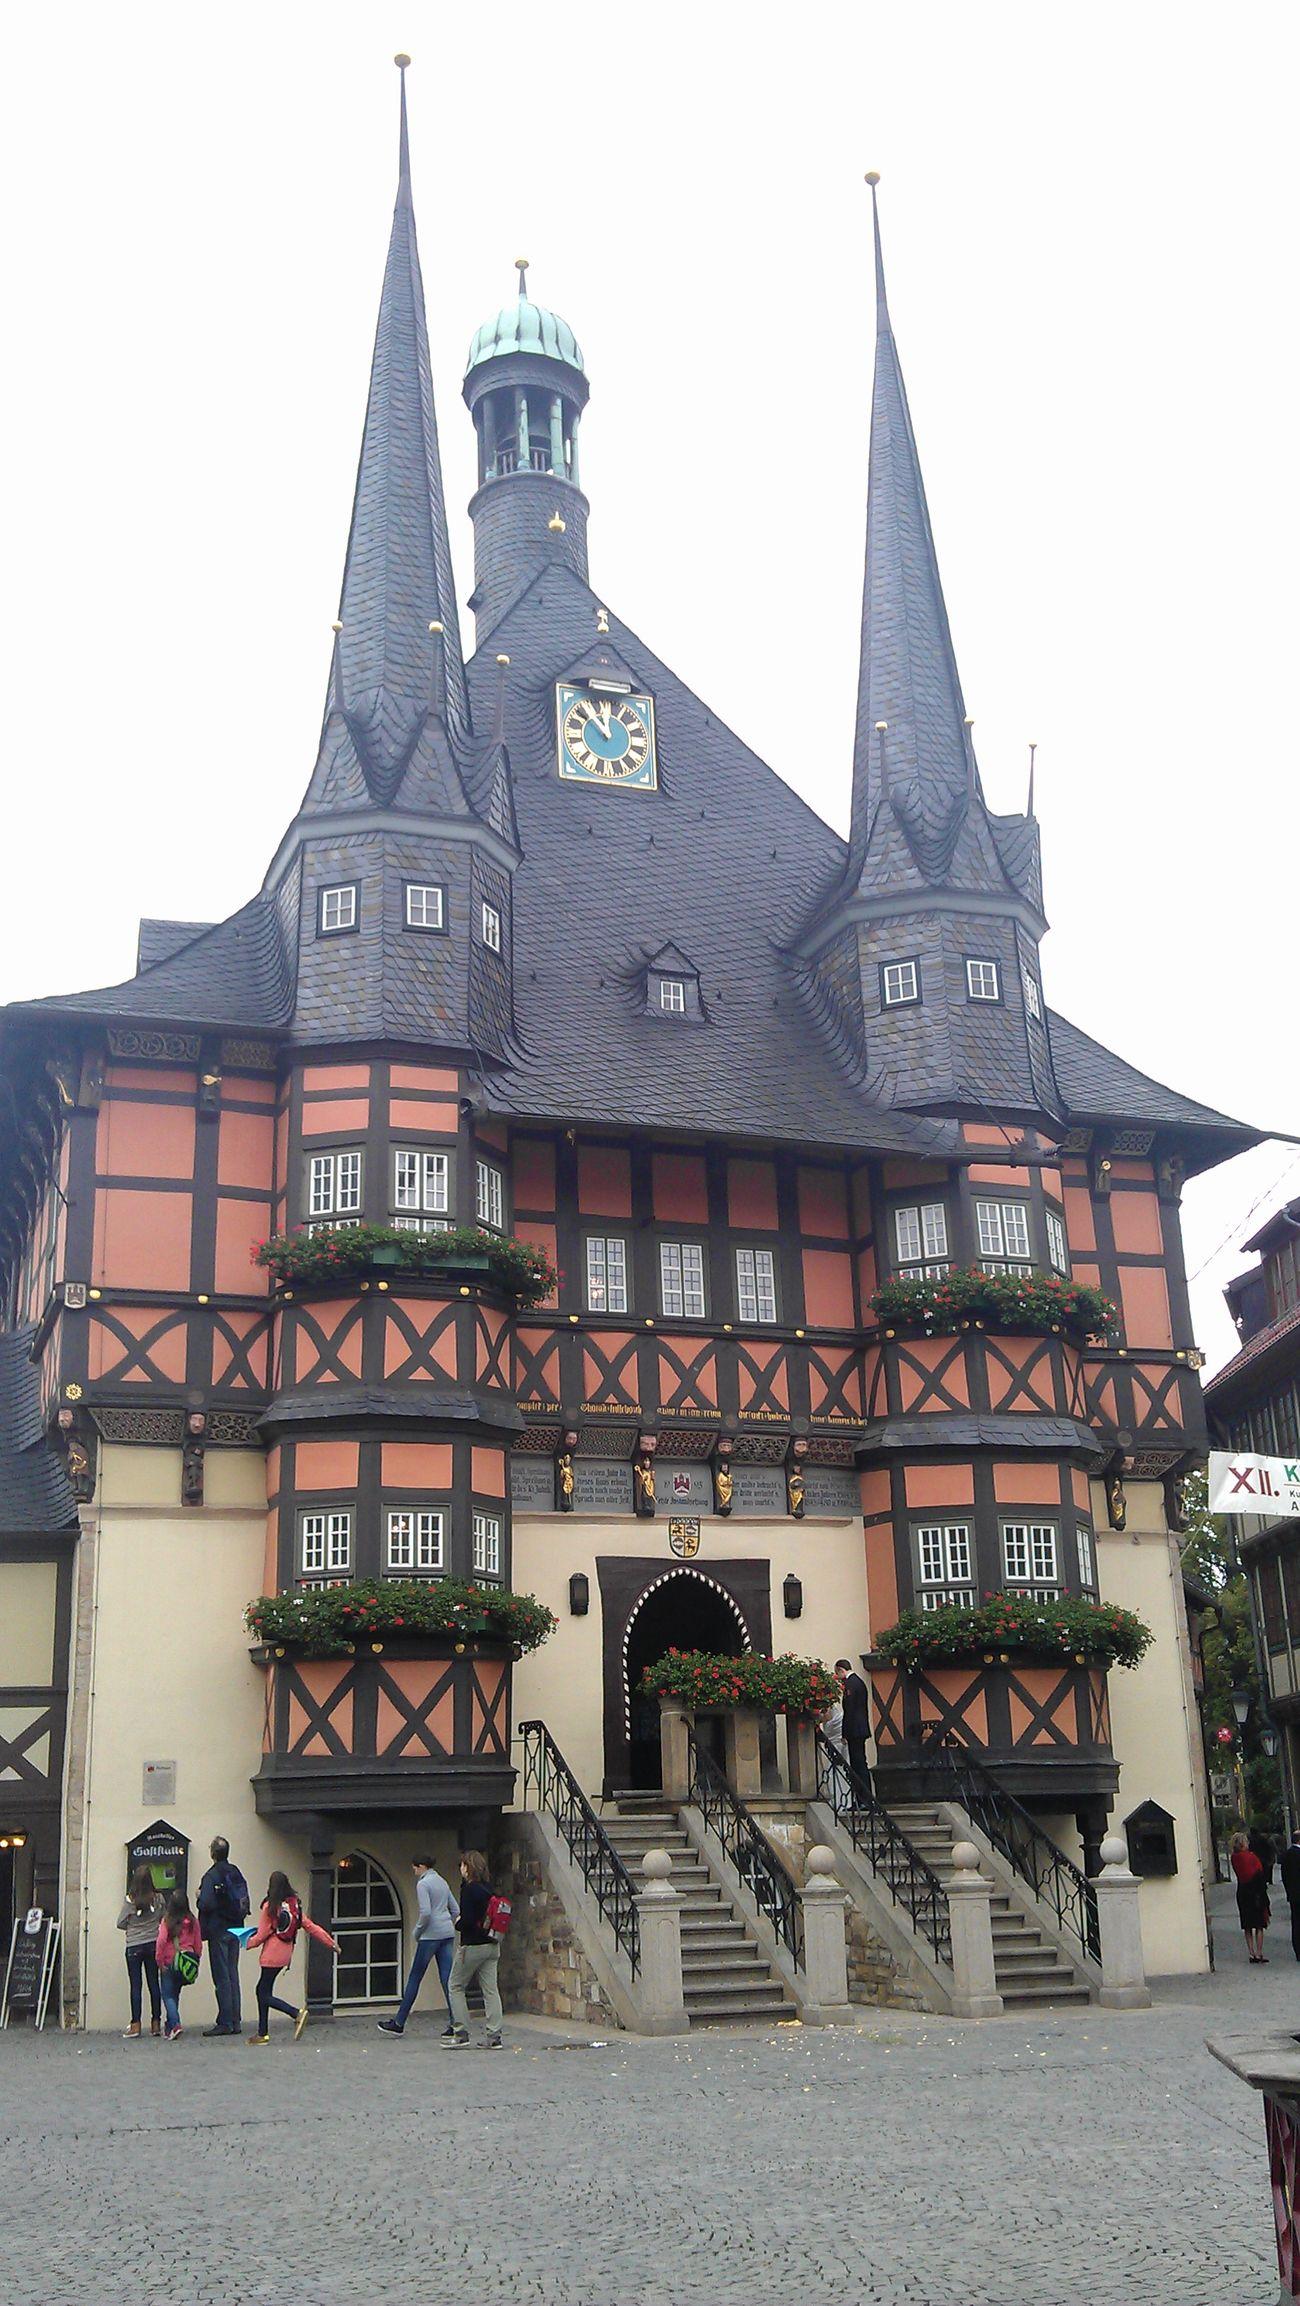 Harz Historical Building Harzreise Enjoying Life